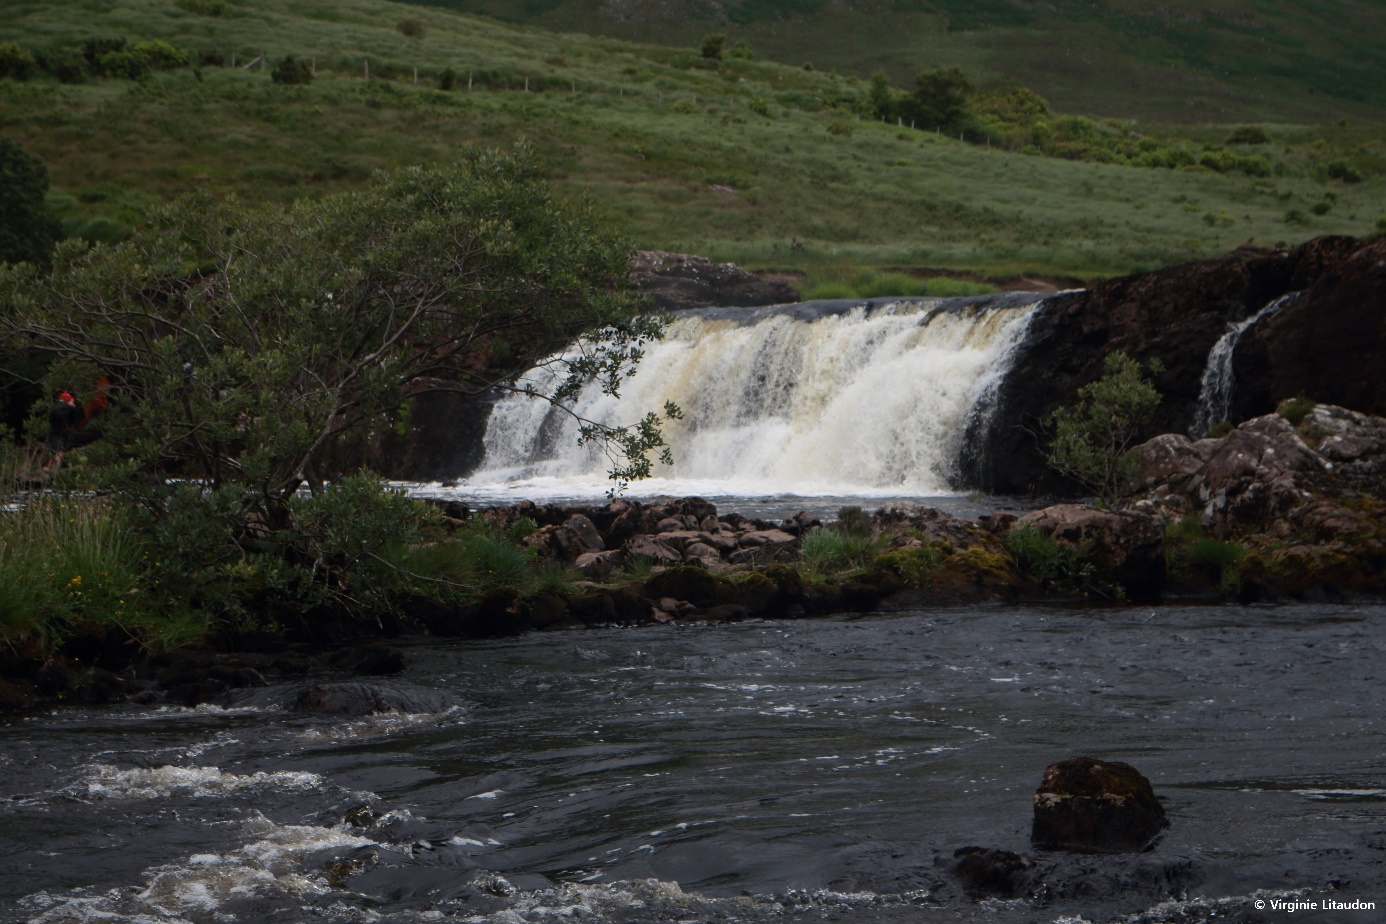 Crédit photo : Virginie Litaudon, Les Aasleagh Falls à 40 min de Leenaun à pied